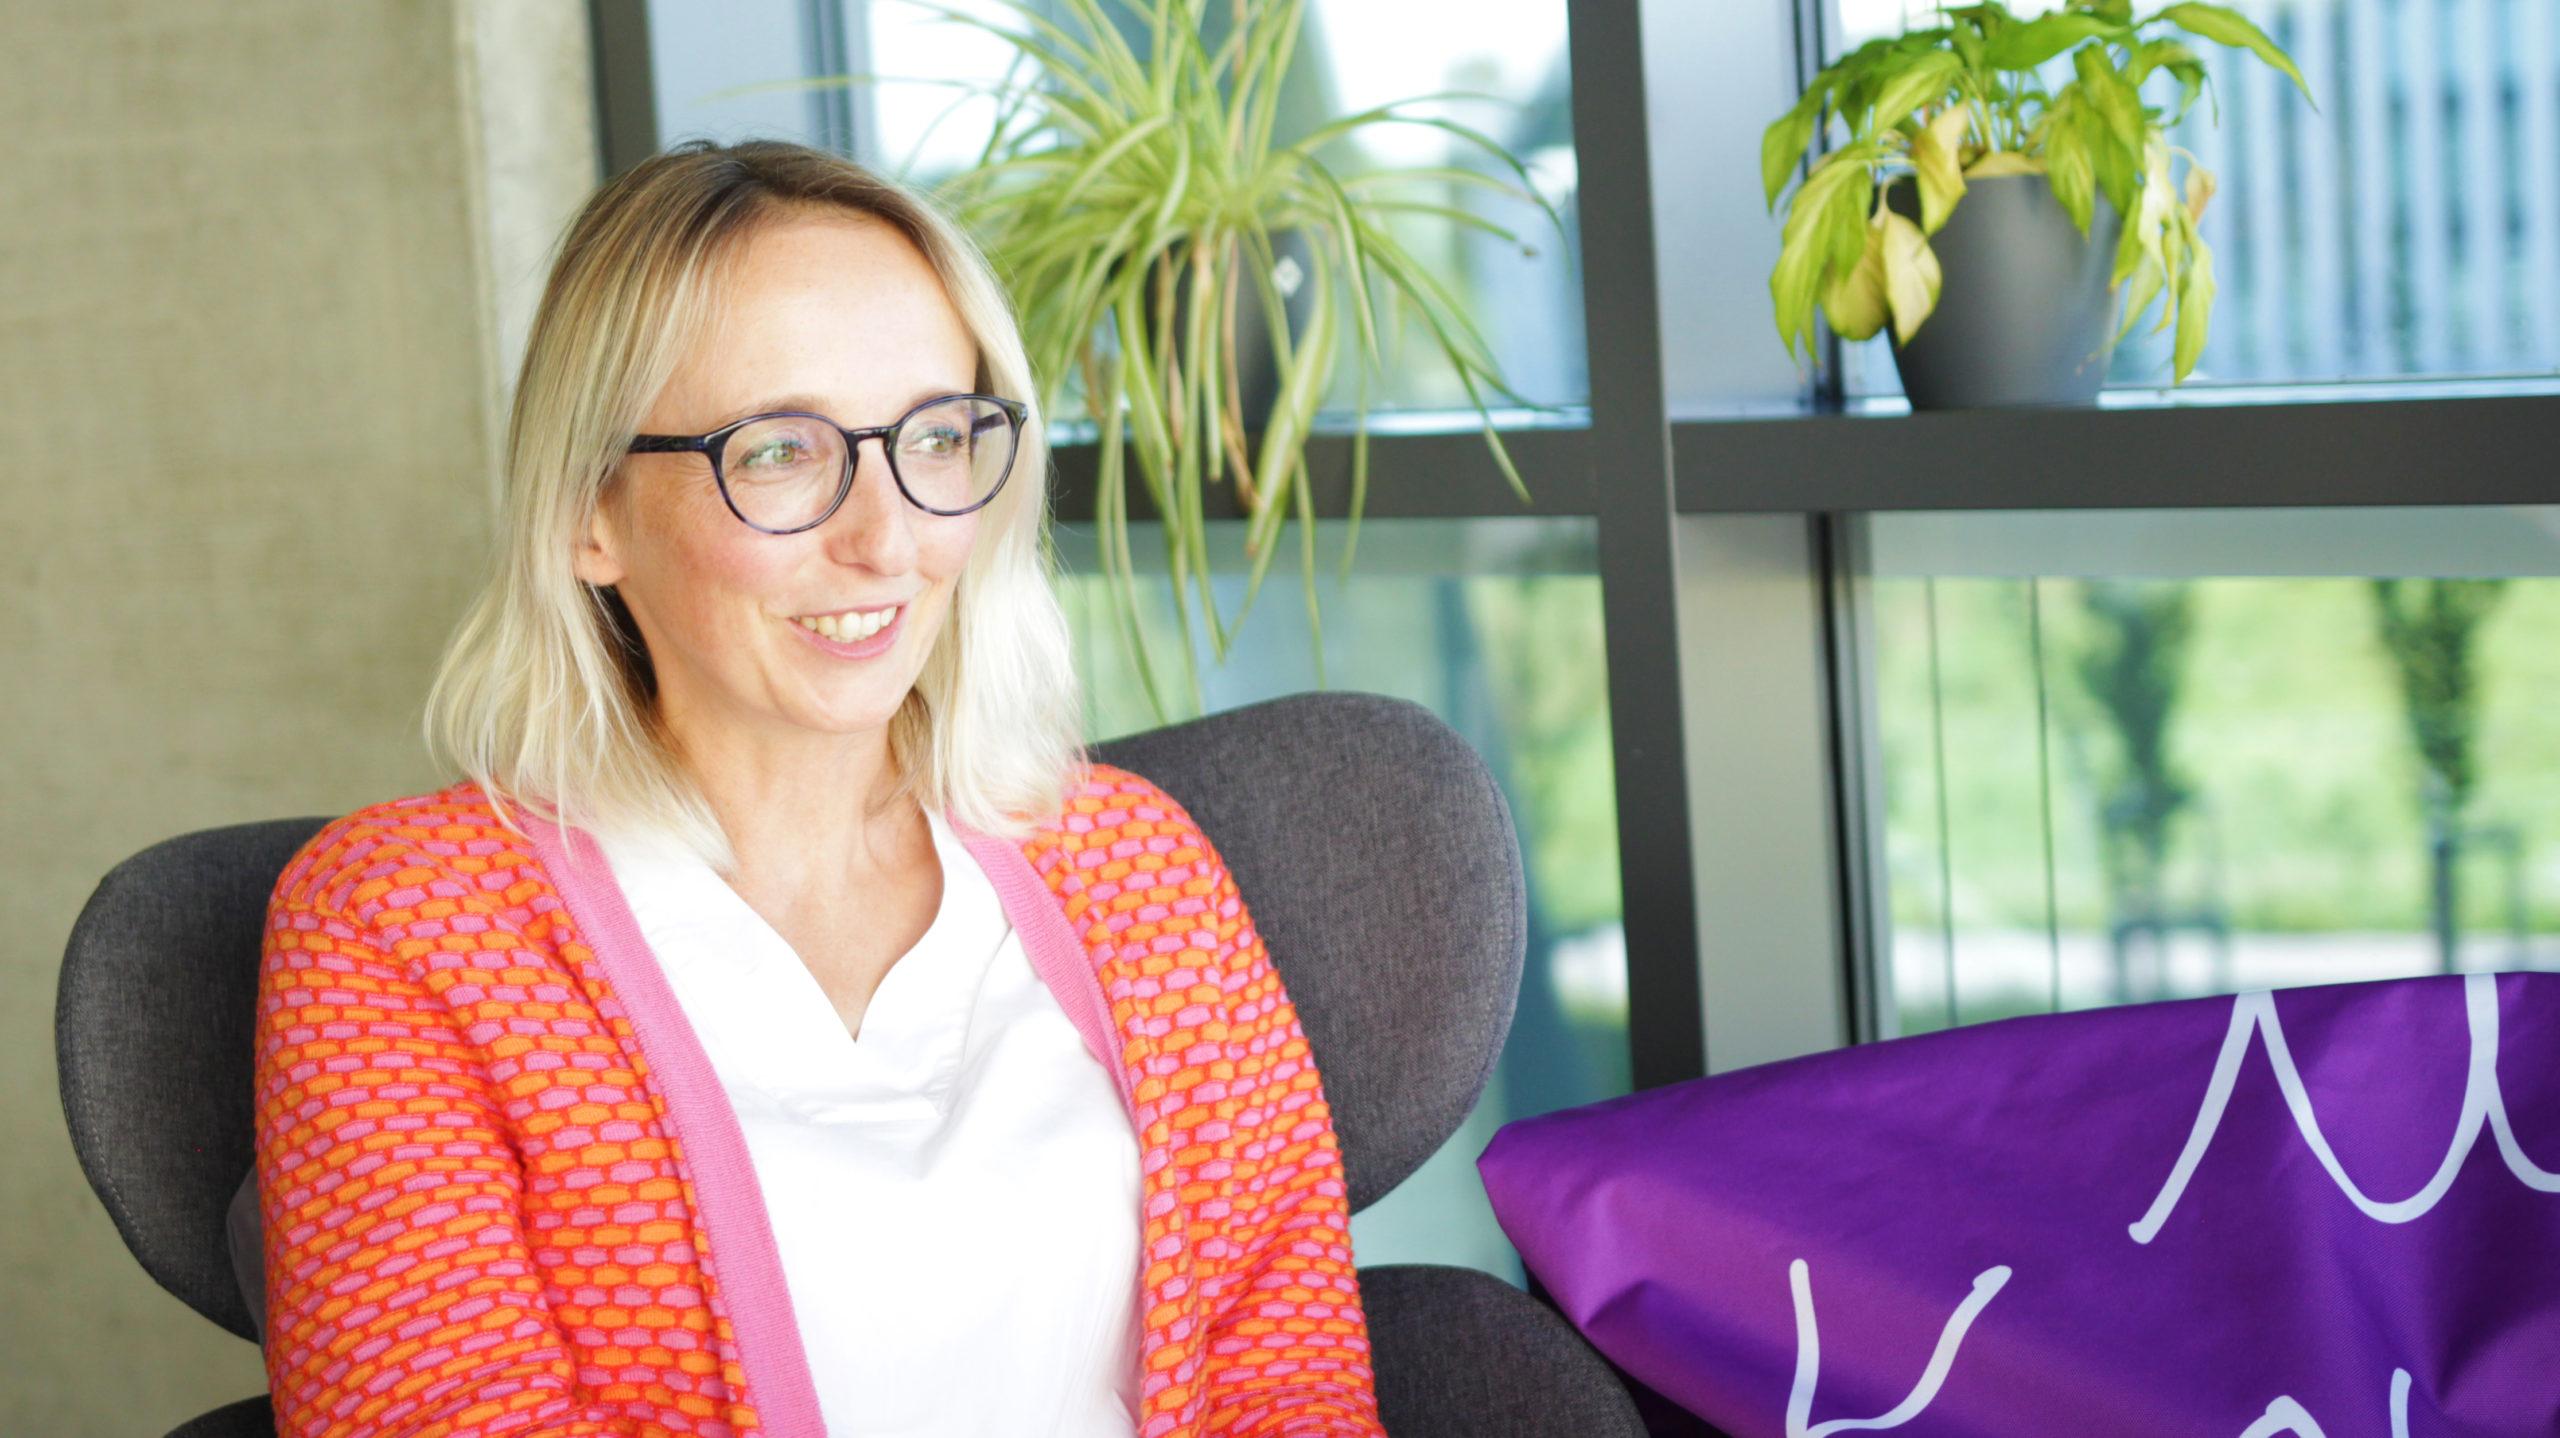 Michaela Lück über die Inhouse Akademie der Steinbeis ABS